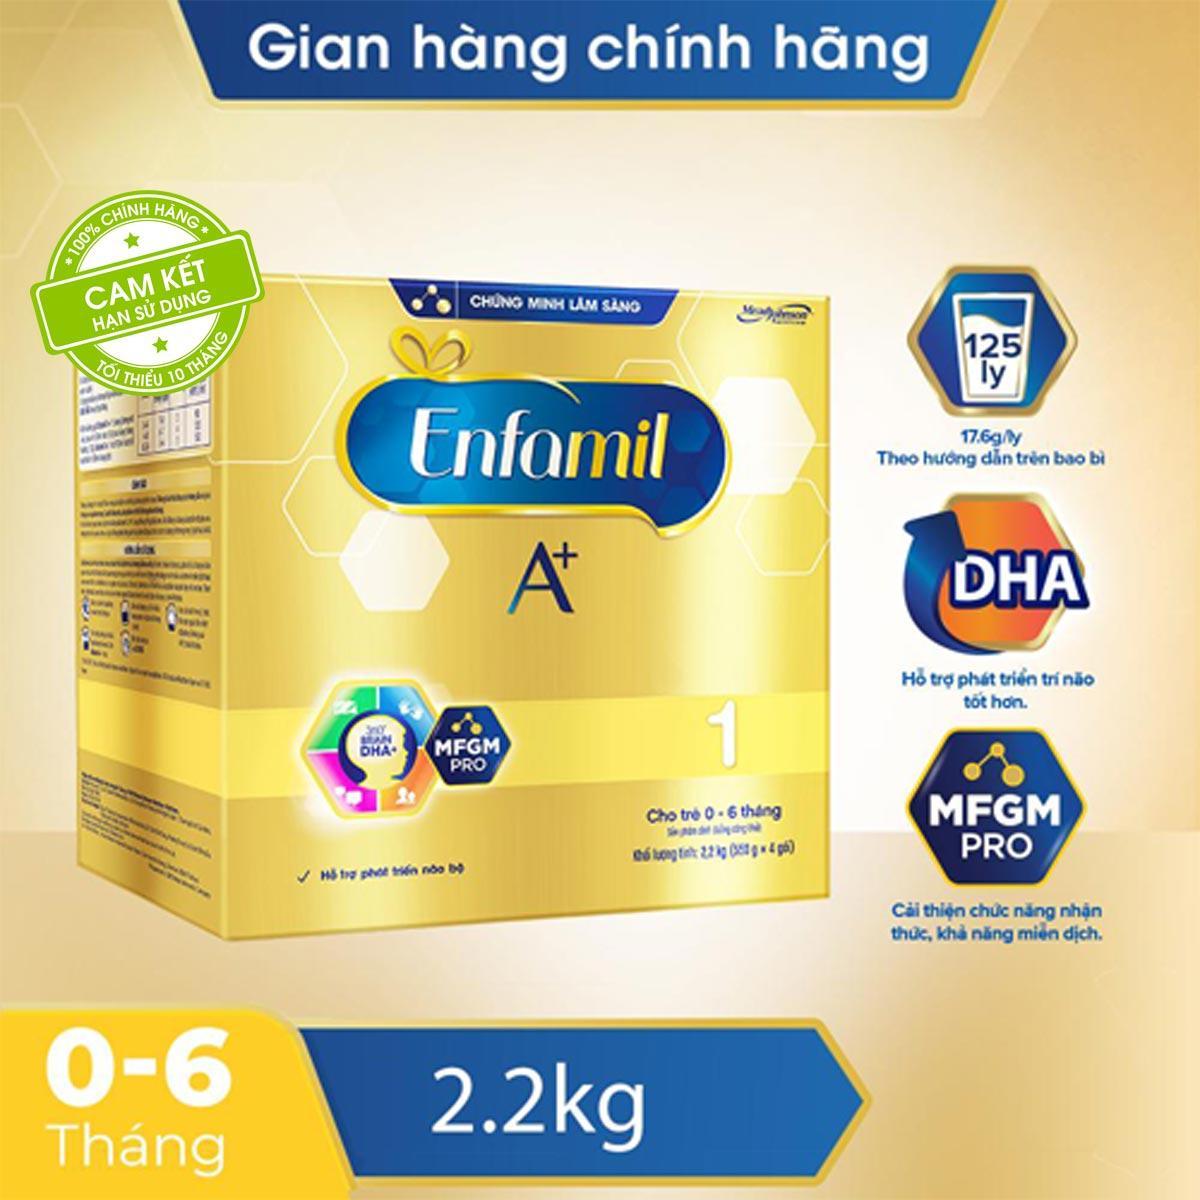 Voucher tại Lazada cho Sữa Bột Enfamil A+ 1 Cho Trẻ 0-6 Tháng Tuổi (2.2kg - Hộp 4 Túi Thiếc 550g) - Cam Kết HSD Còn ít Nhất 10 Tháng